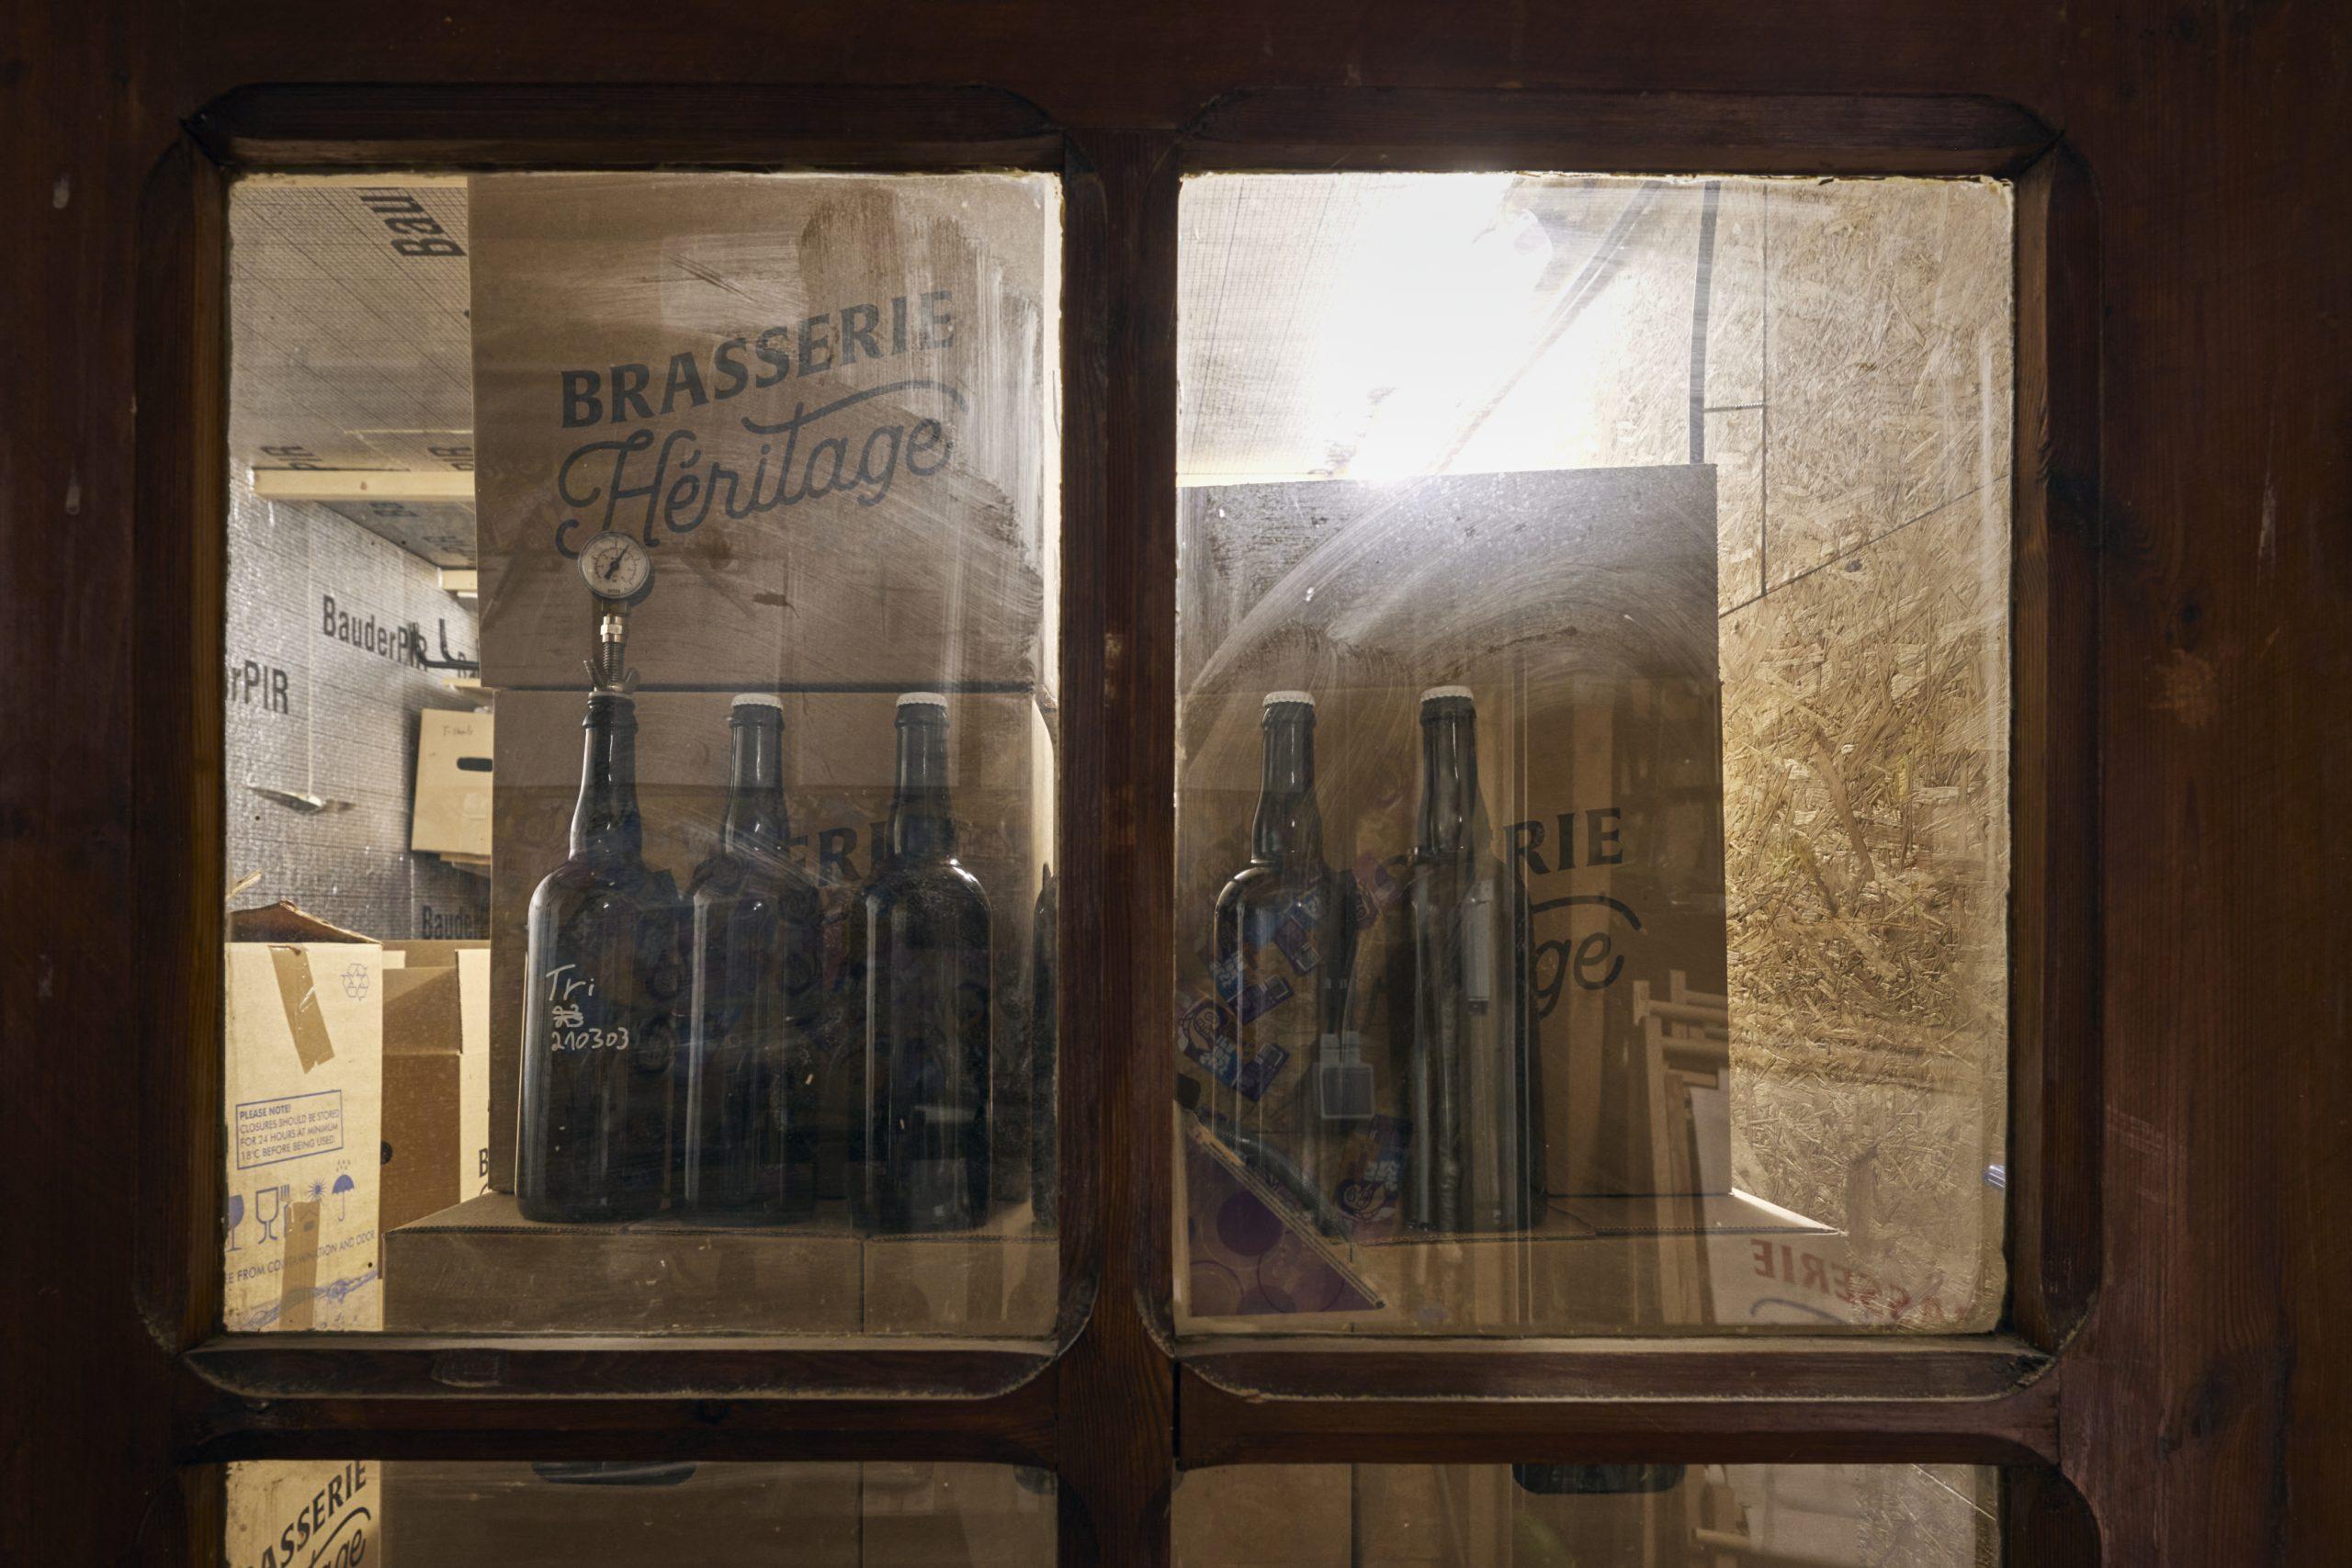 Brasserie Héritage 19